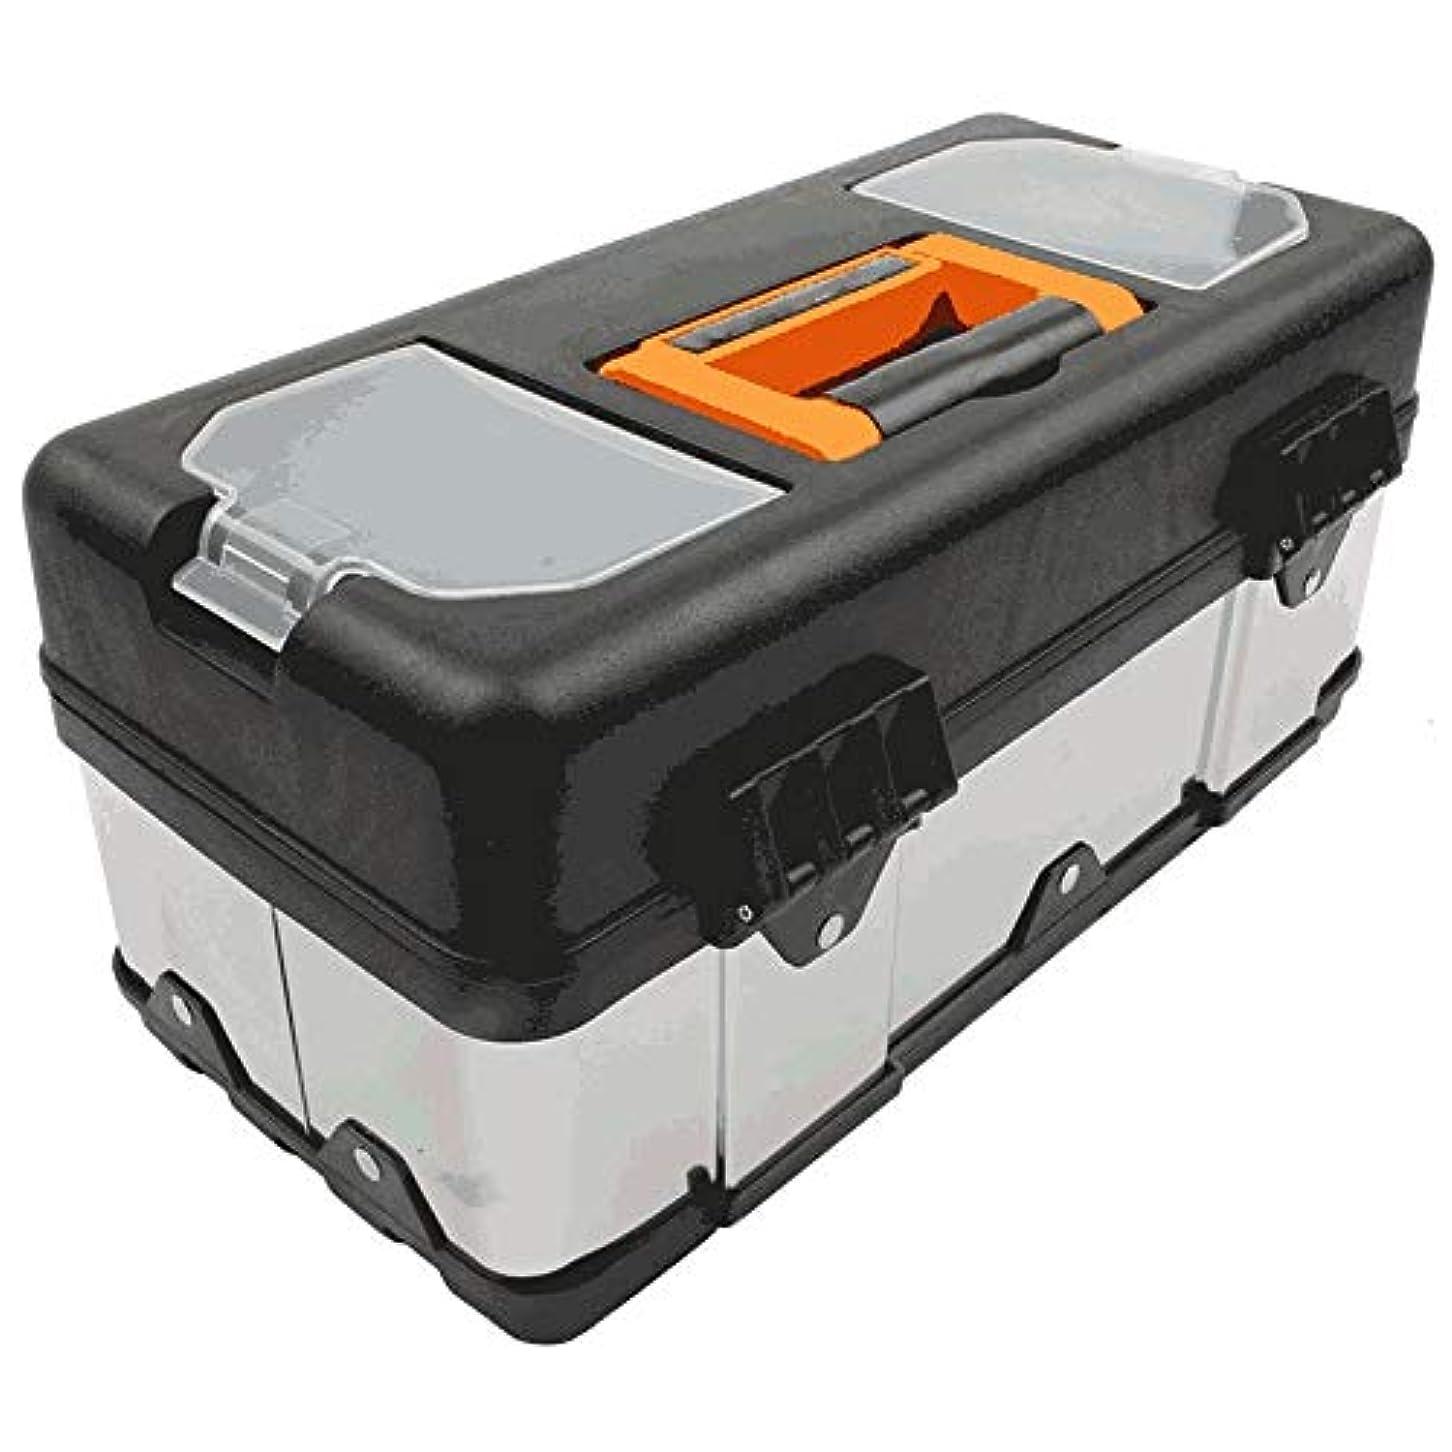 従事する発送クラッチGYZ 工具箱、良質のステンレス鋼の工具箱、家の修理の電気技師の工具箱 plastic (Size : 14 inches)